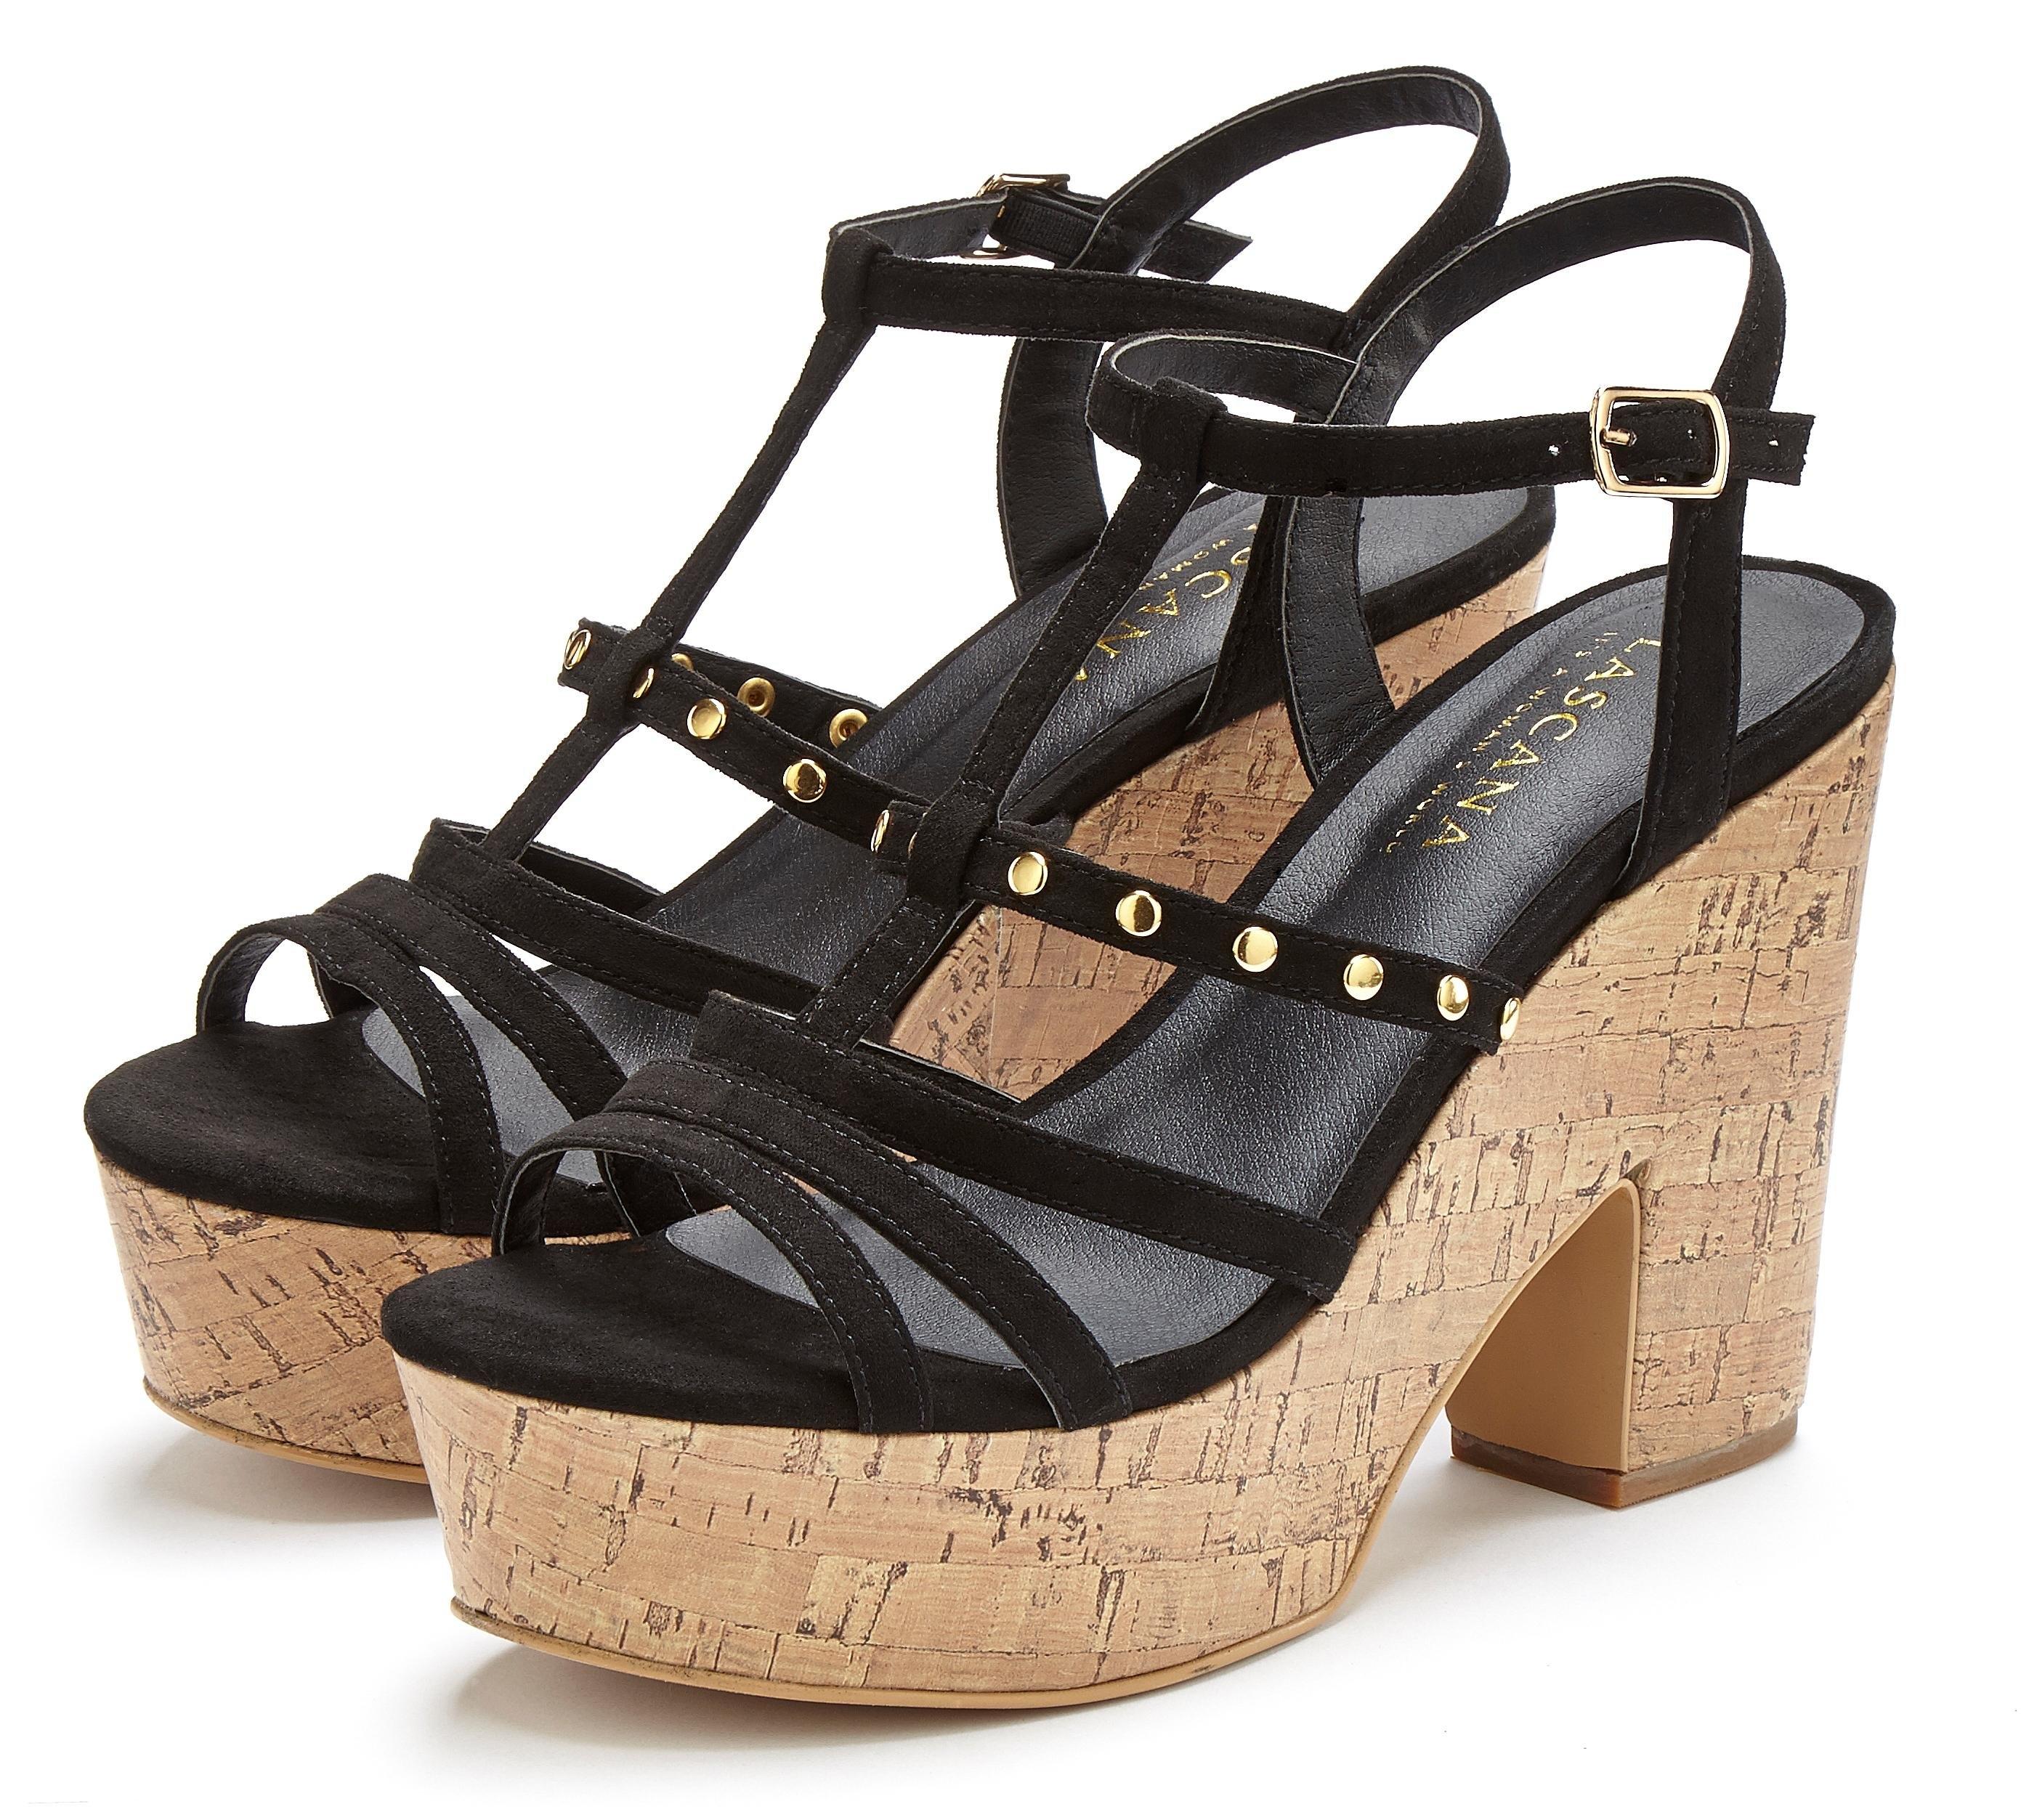 Lascana highheel sandaaltjes met modieus plateau en kurk-look nu online kopen bij Lascana